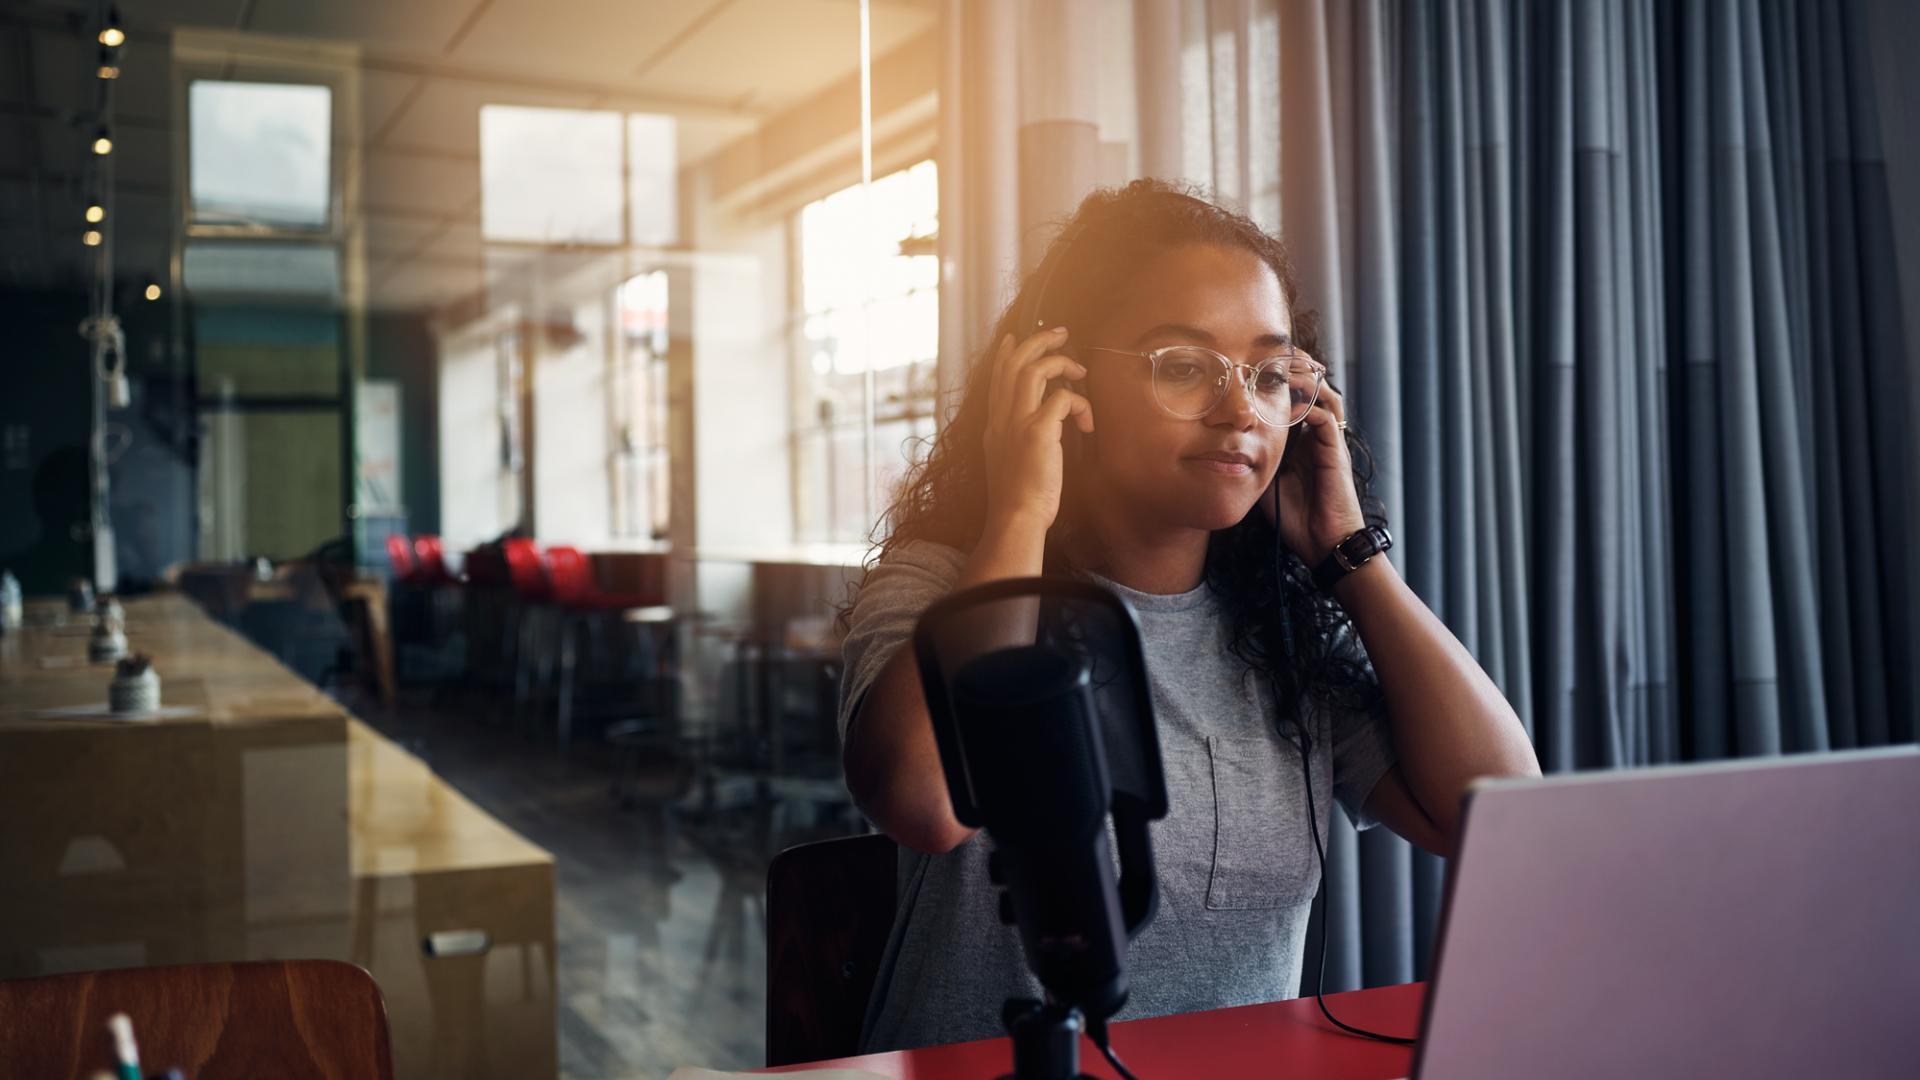 Frau mit Kopfhörern, Laptop, Arbeiten